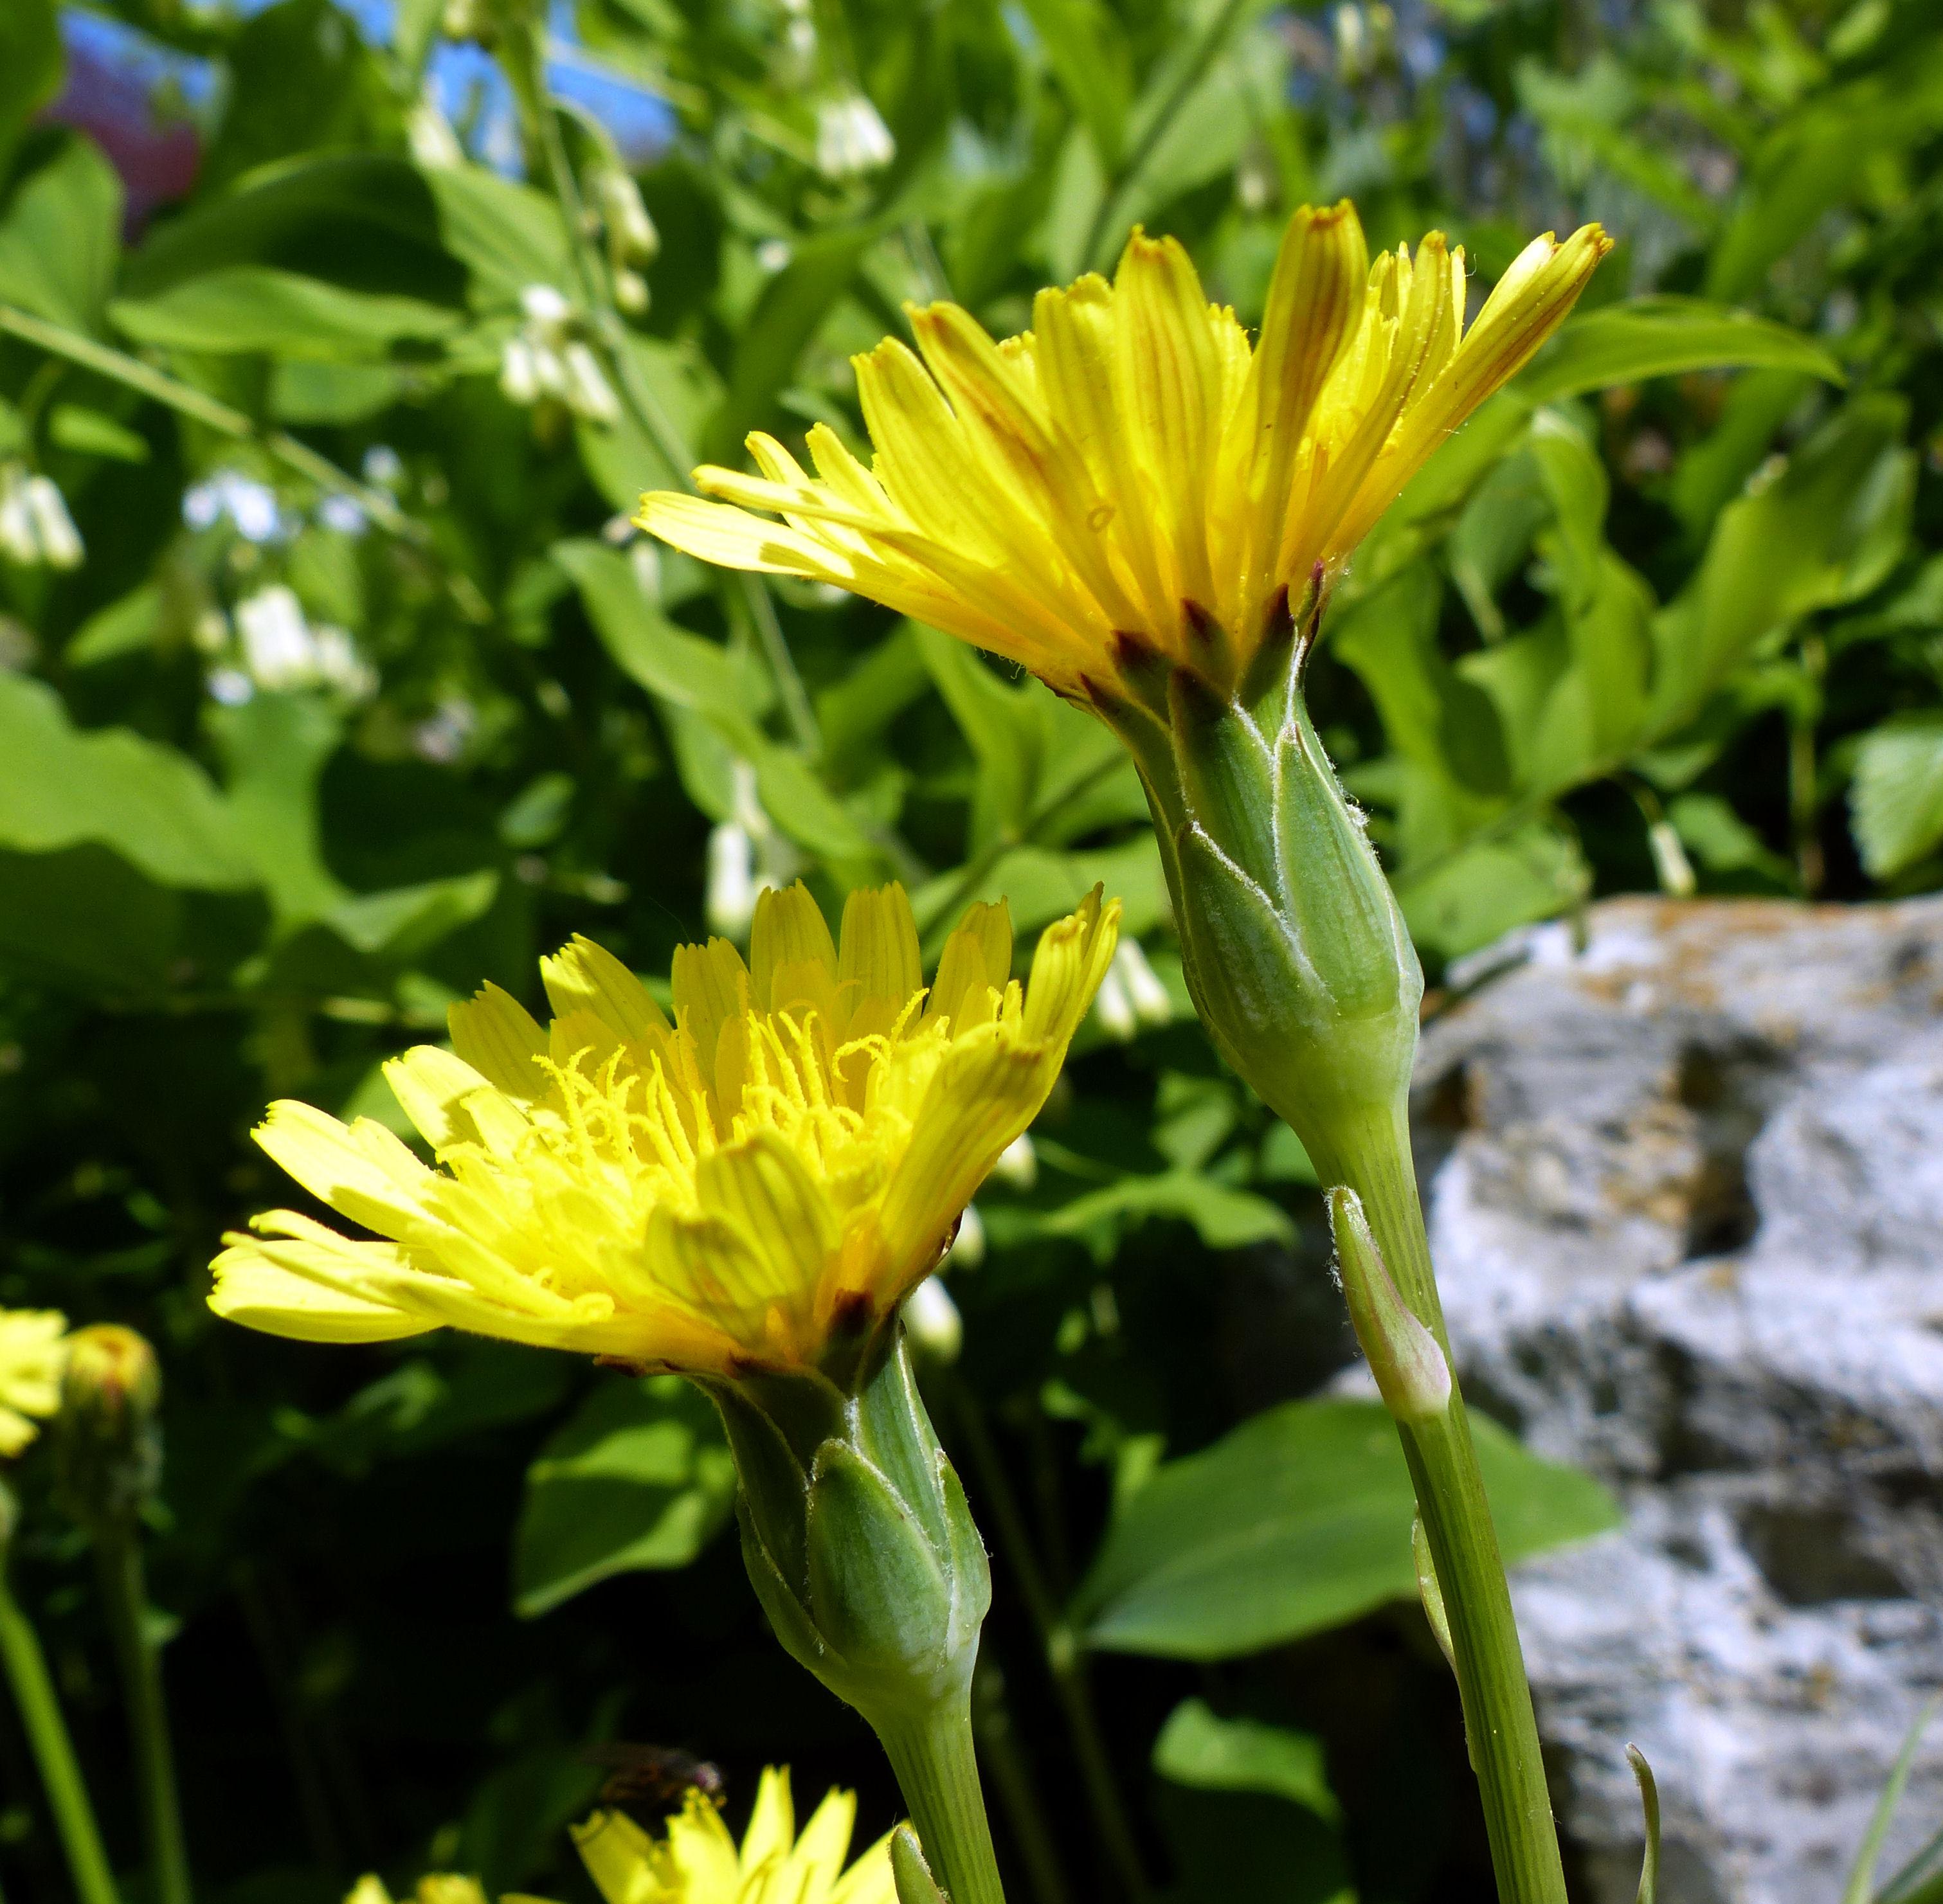 © Dipartimento di Scienze della Vita, Università di Trieste<br>by Andrea Moro<br>Comune di Graz, Botanischer Garten - Karl-Franzens-Universität Graz, Steiermark, Austria, 21/04/2017<br>Distributed under CC-BY-SA 4.0 license.